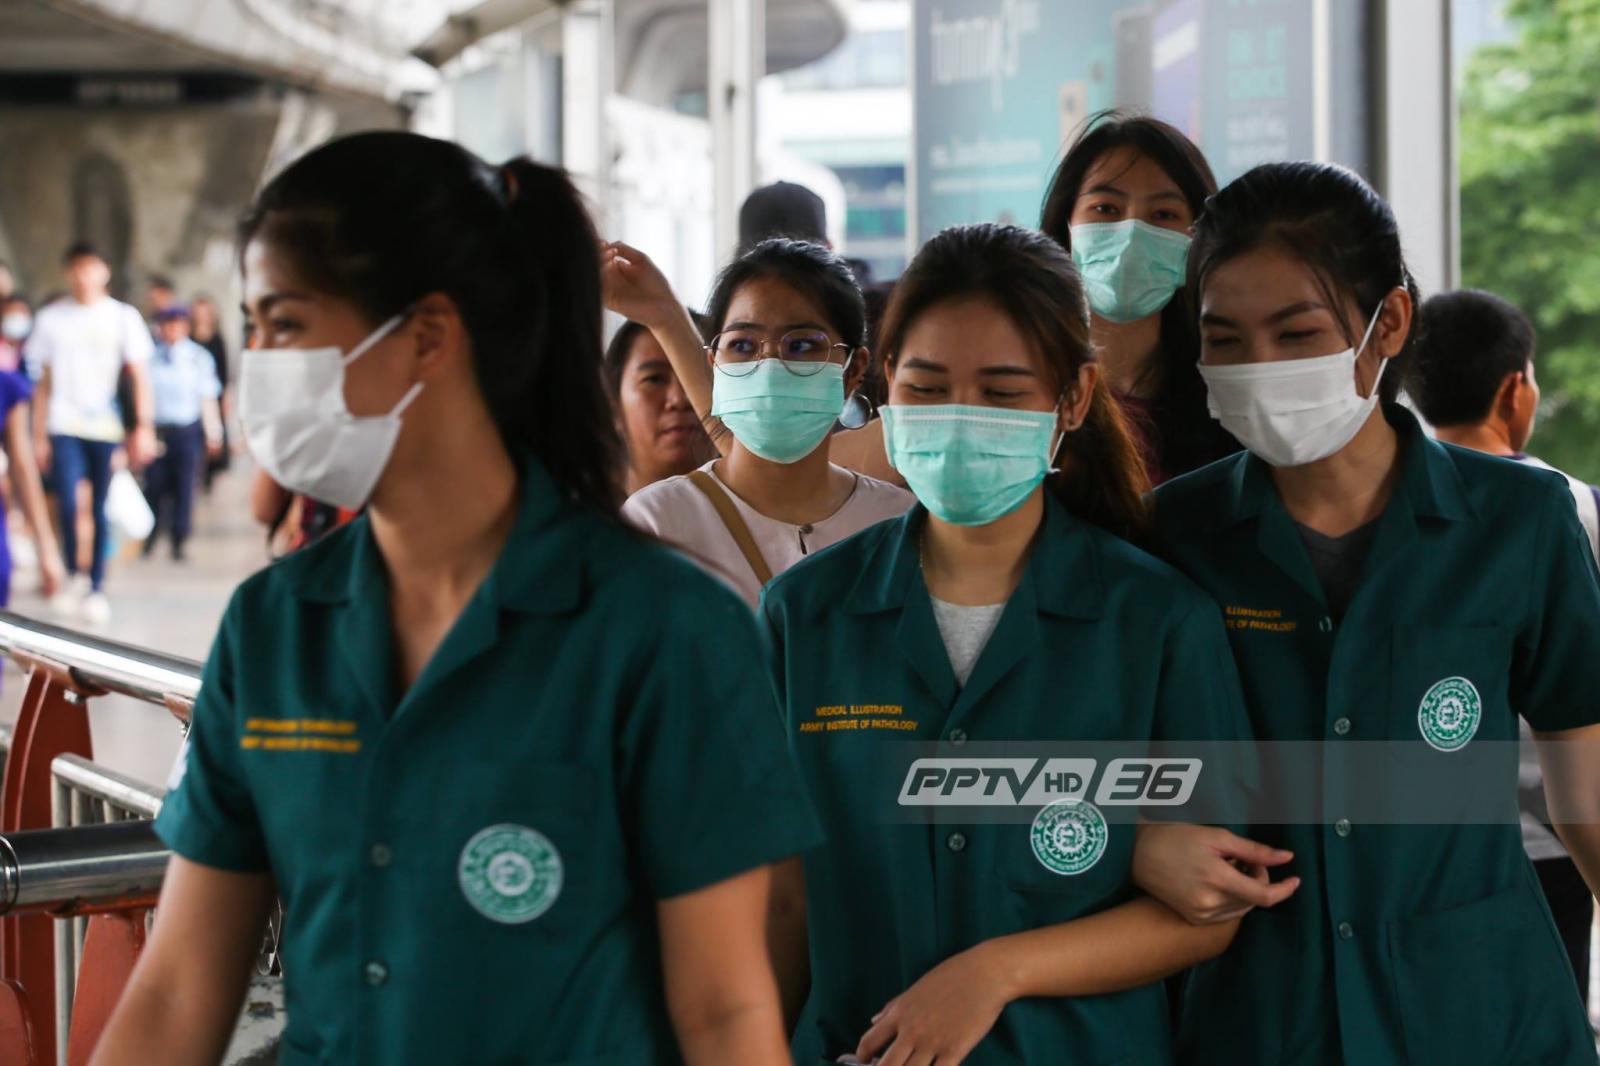 Warning! Pandemic flu 4 people died